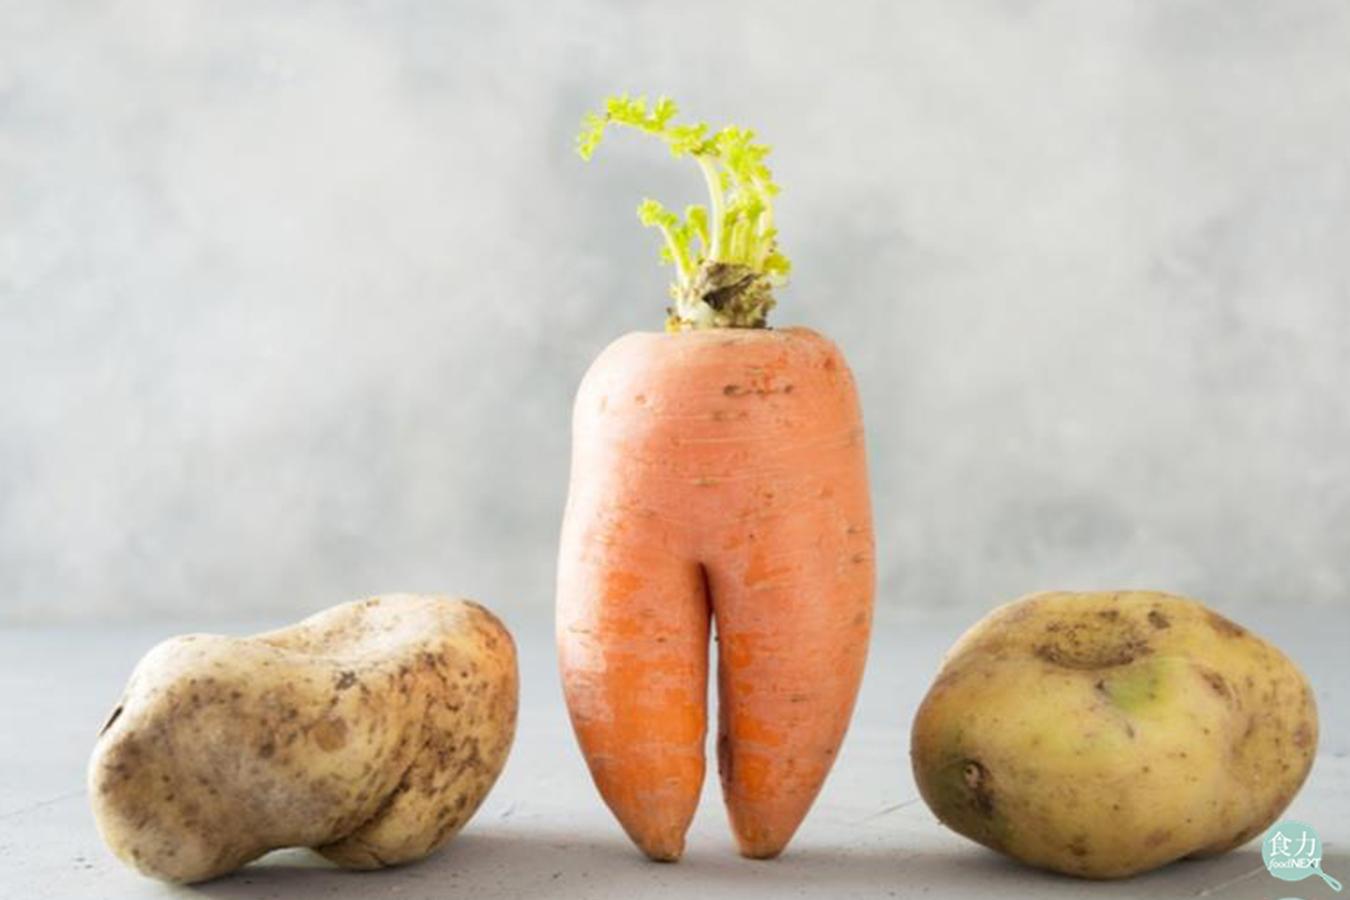 【TGA x 食力】醜食風潮!吃醜陋的蔬果拯救地球?